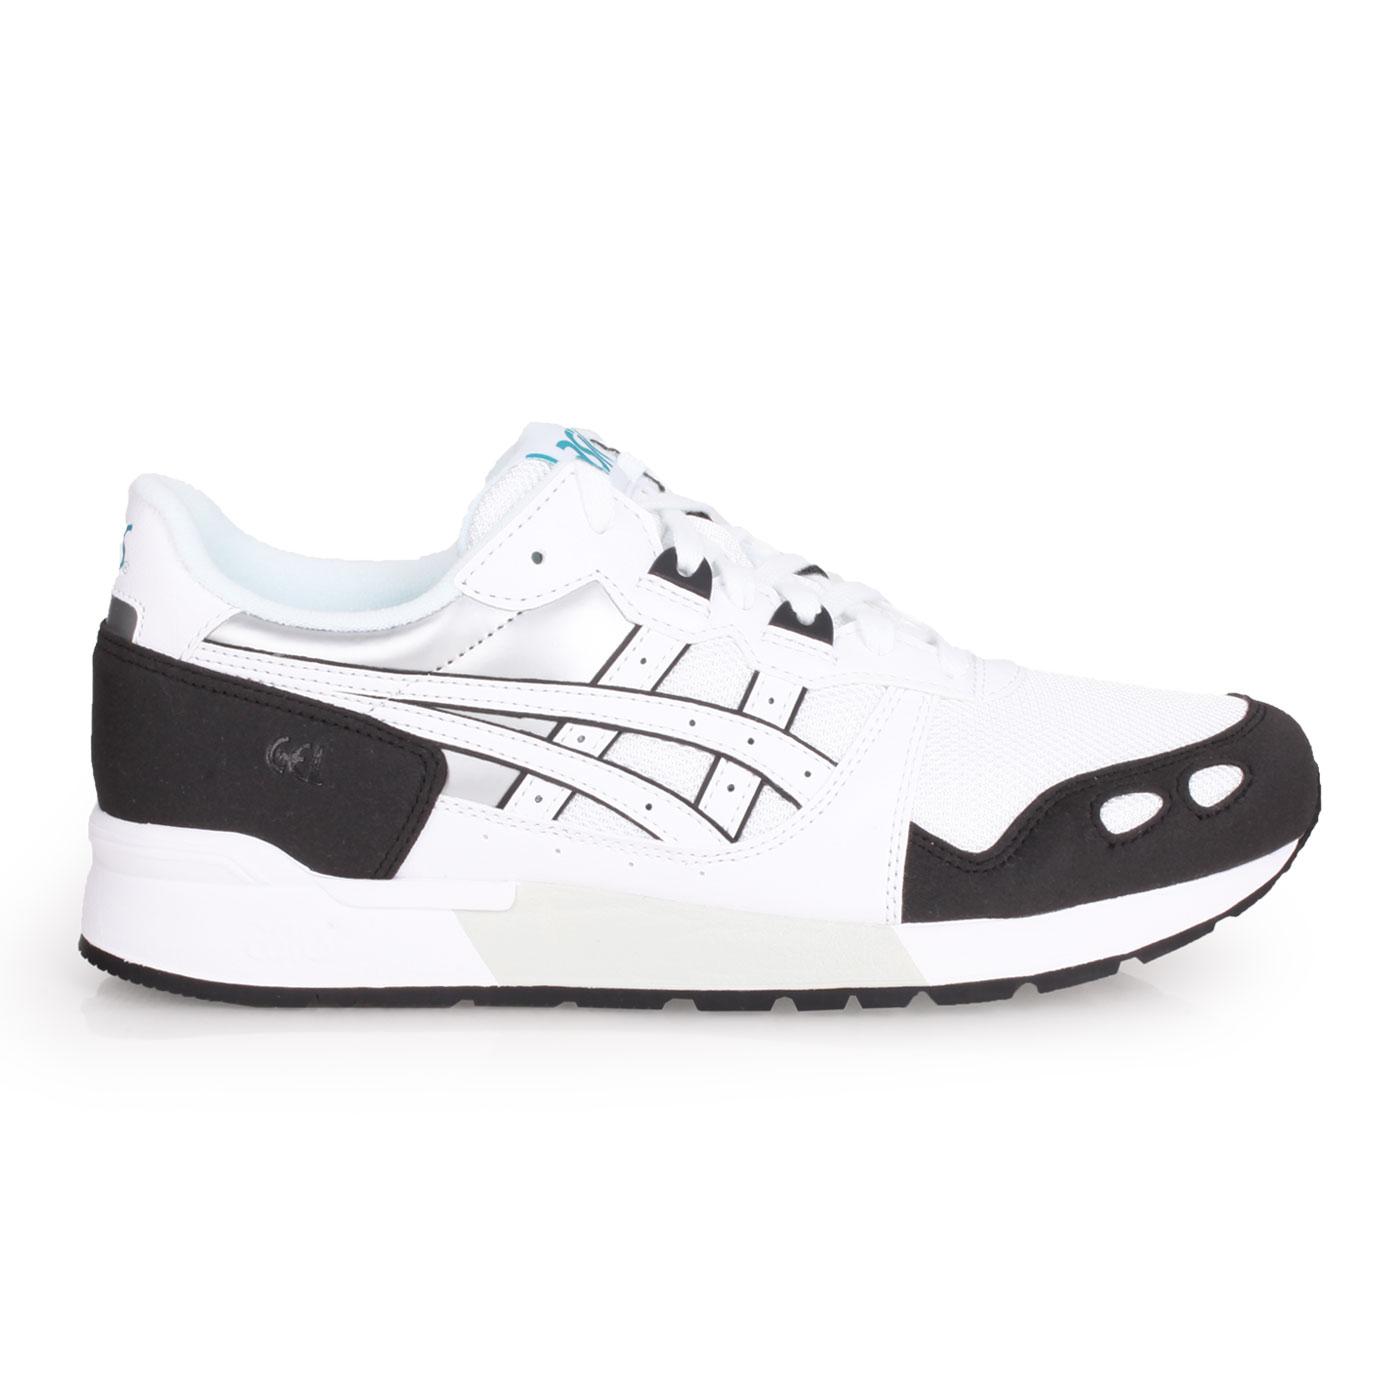 ASICS 男款休閒運動鞋  @GEL-LYTE@1191A024-100